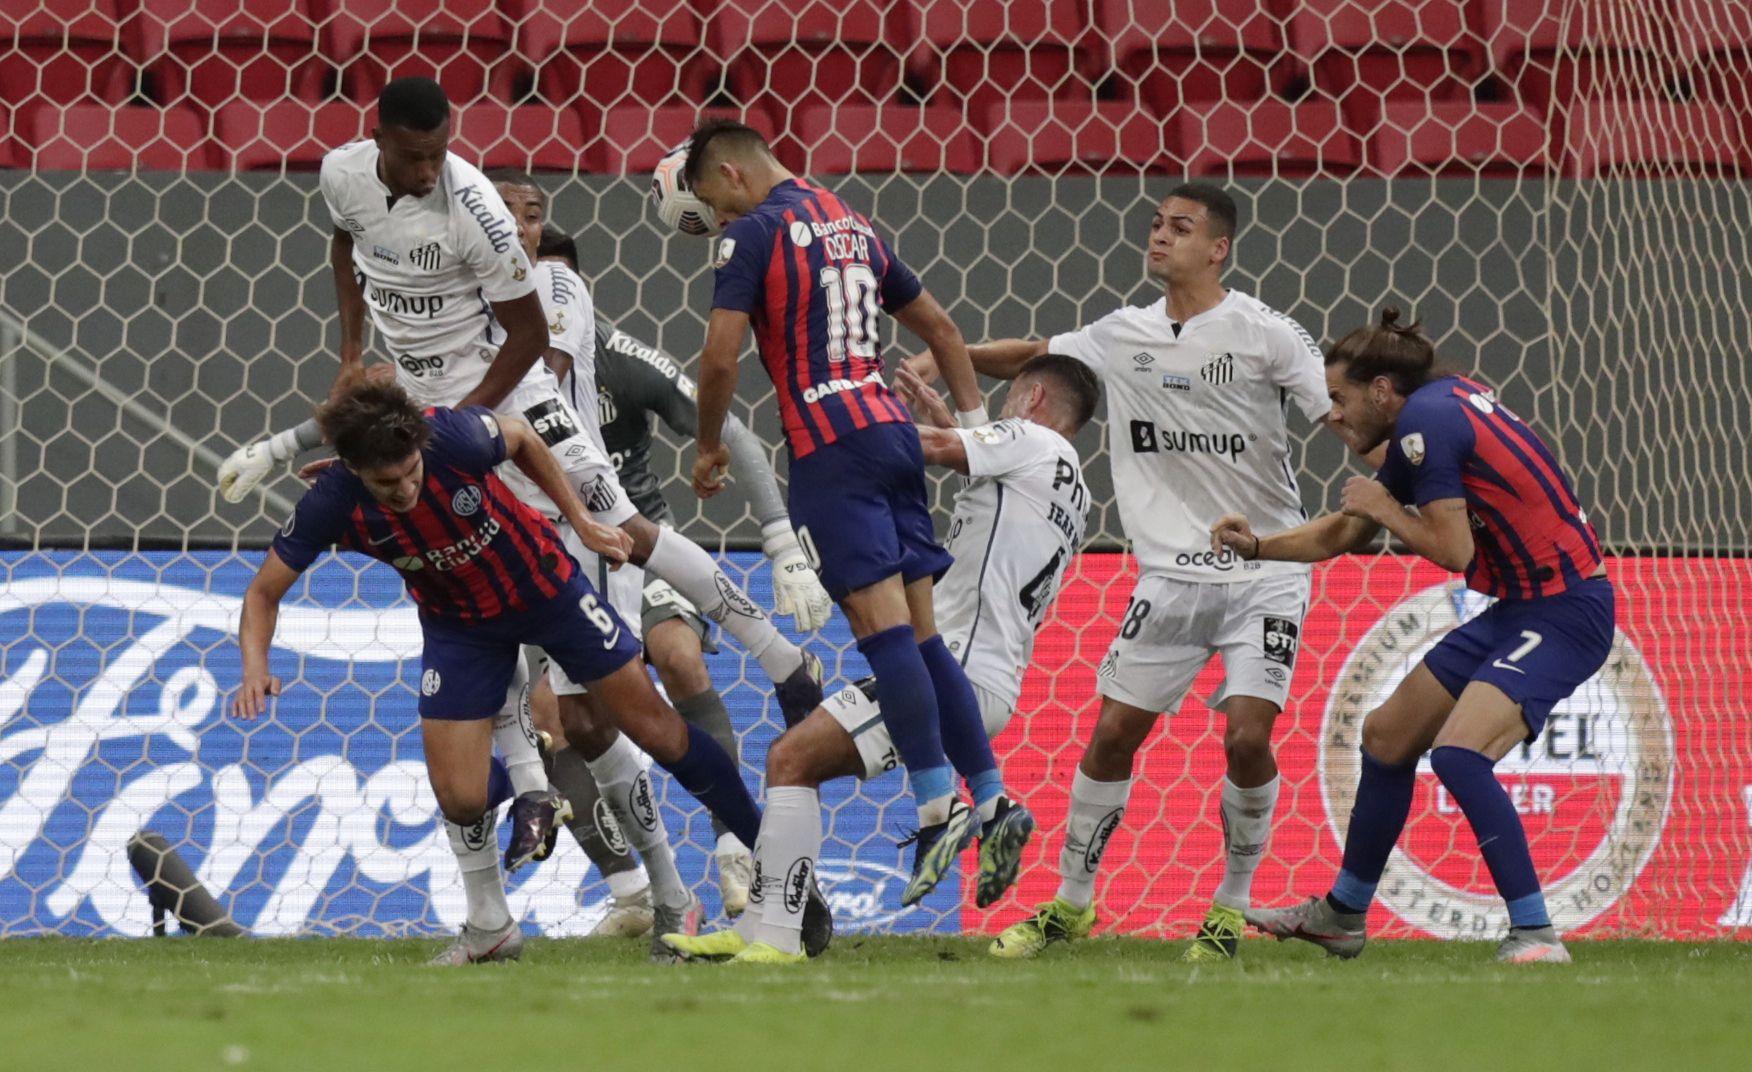 Óscar y Ángel Romero fueron determinantes para que San Lorenzo sueñe con la remontada hasta el final (REUTERS/Ueslei Marcelino)